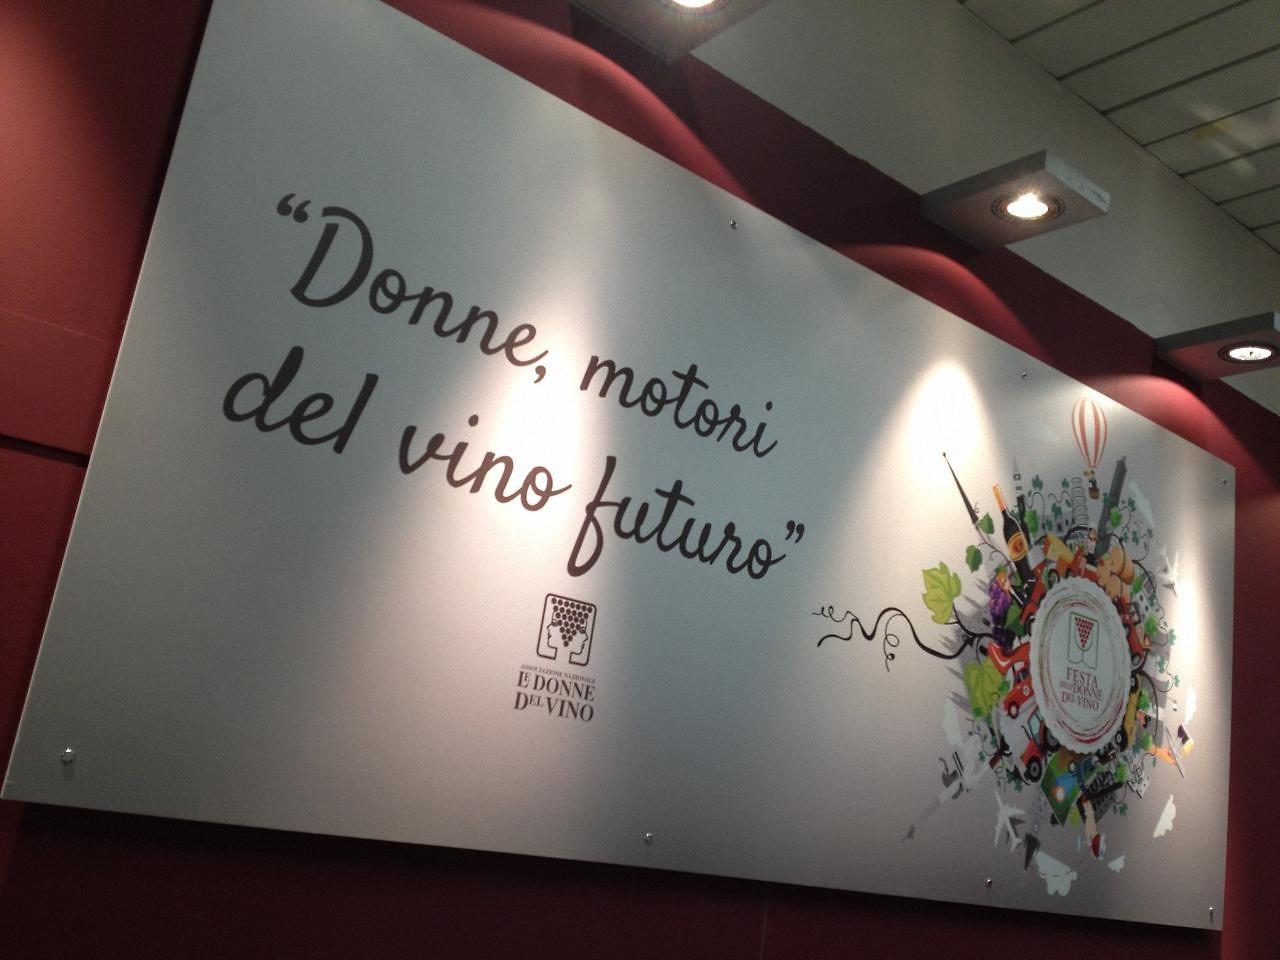 Associazione Nazionale Le Donne Del Vino 2017 04 08 13 34 30 107 e1496348356252